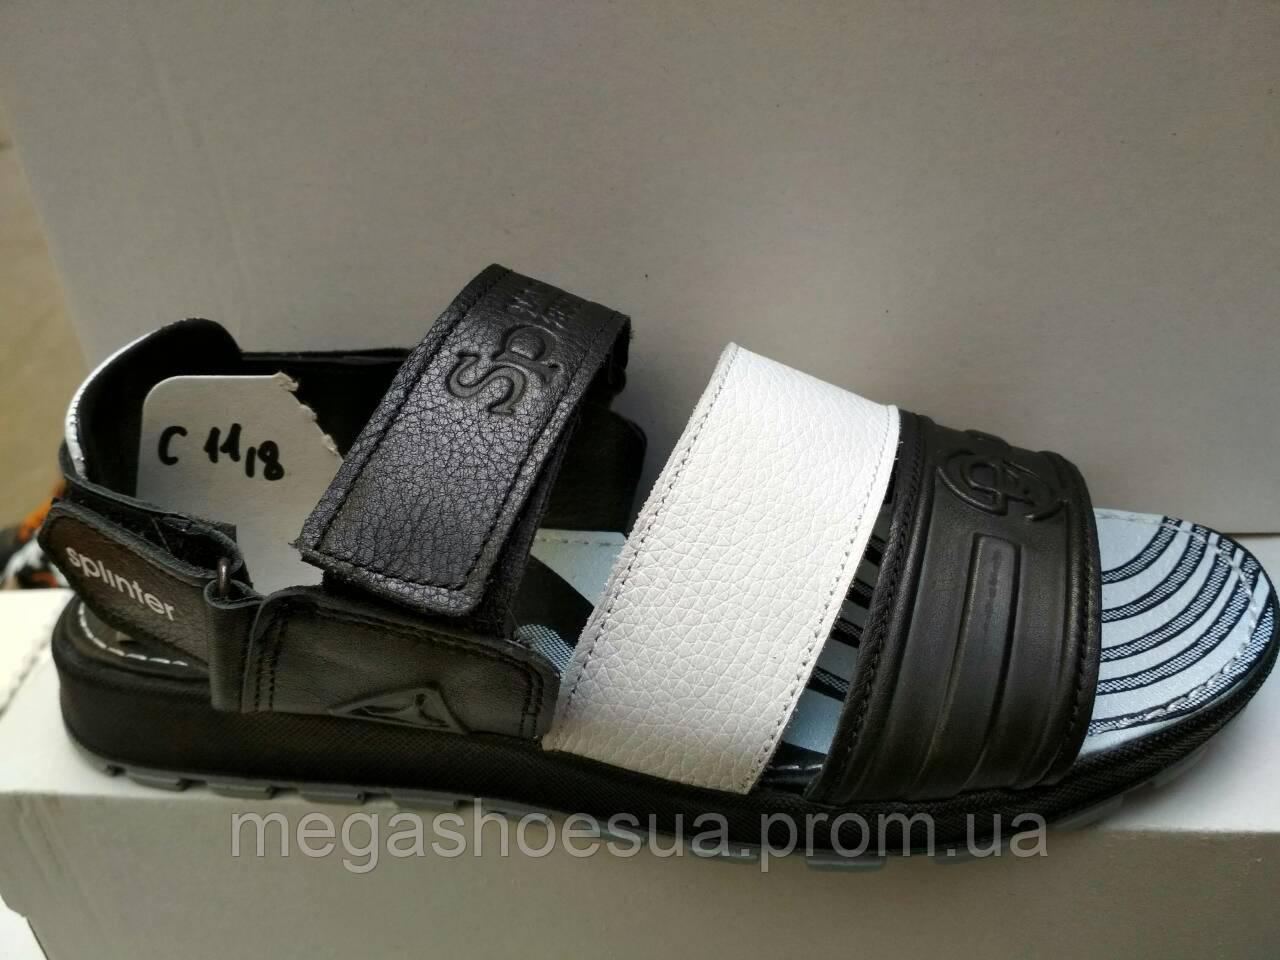 8775ae867c78 Сандалии мужские босоножки Splinter с натуральной кожи стильные - Интернет-магазин  украинской обуви MegaShoes в